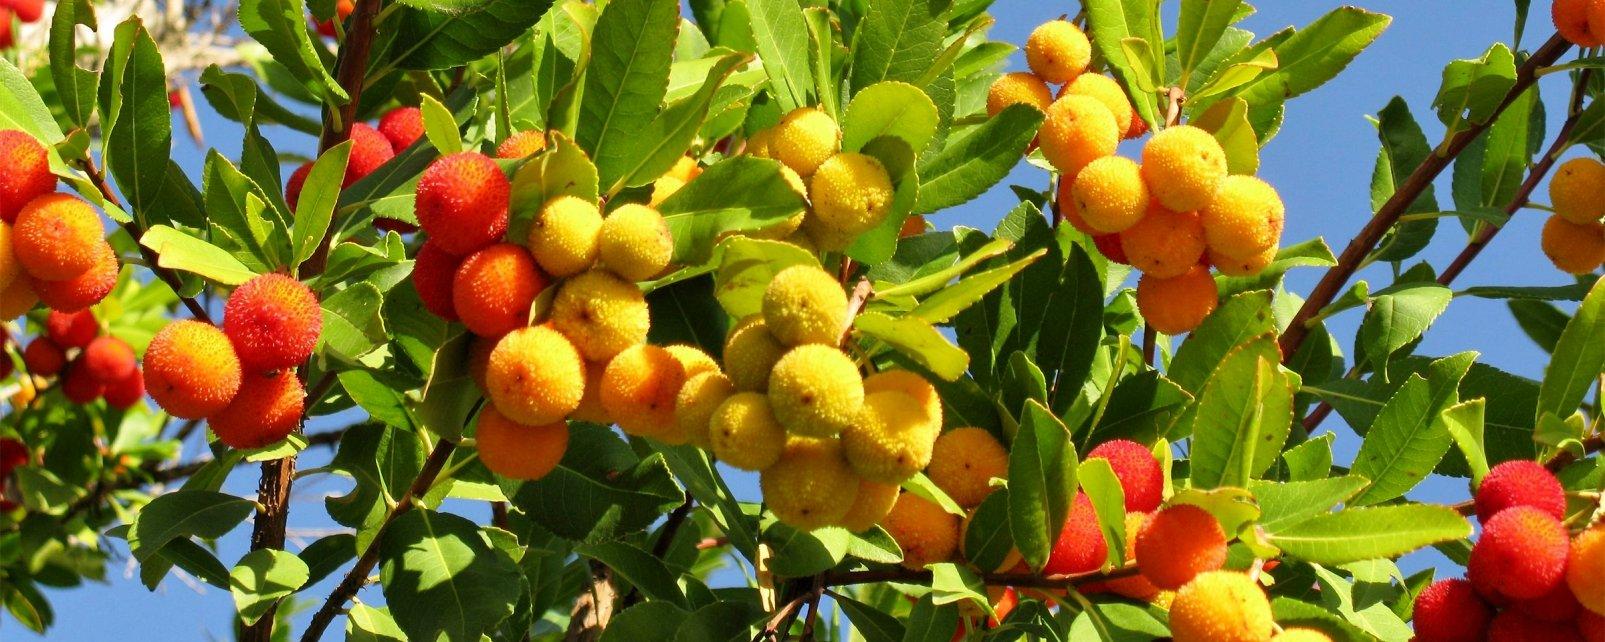 La faune et la flore, Arbousier, algérie, flore, fruit, arbre, afrique, maghreb